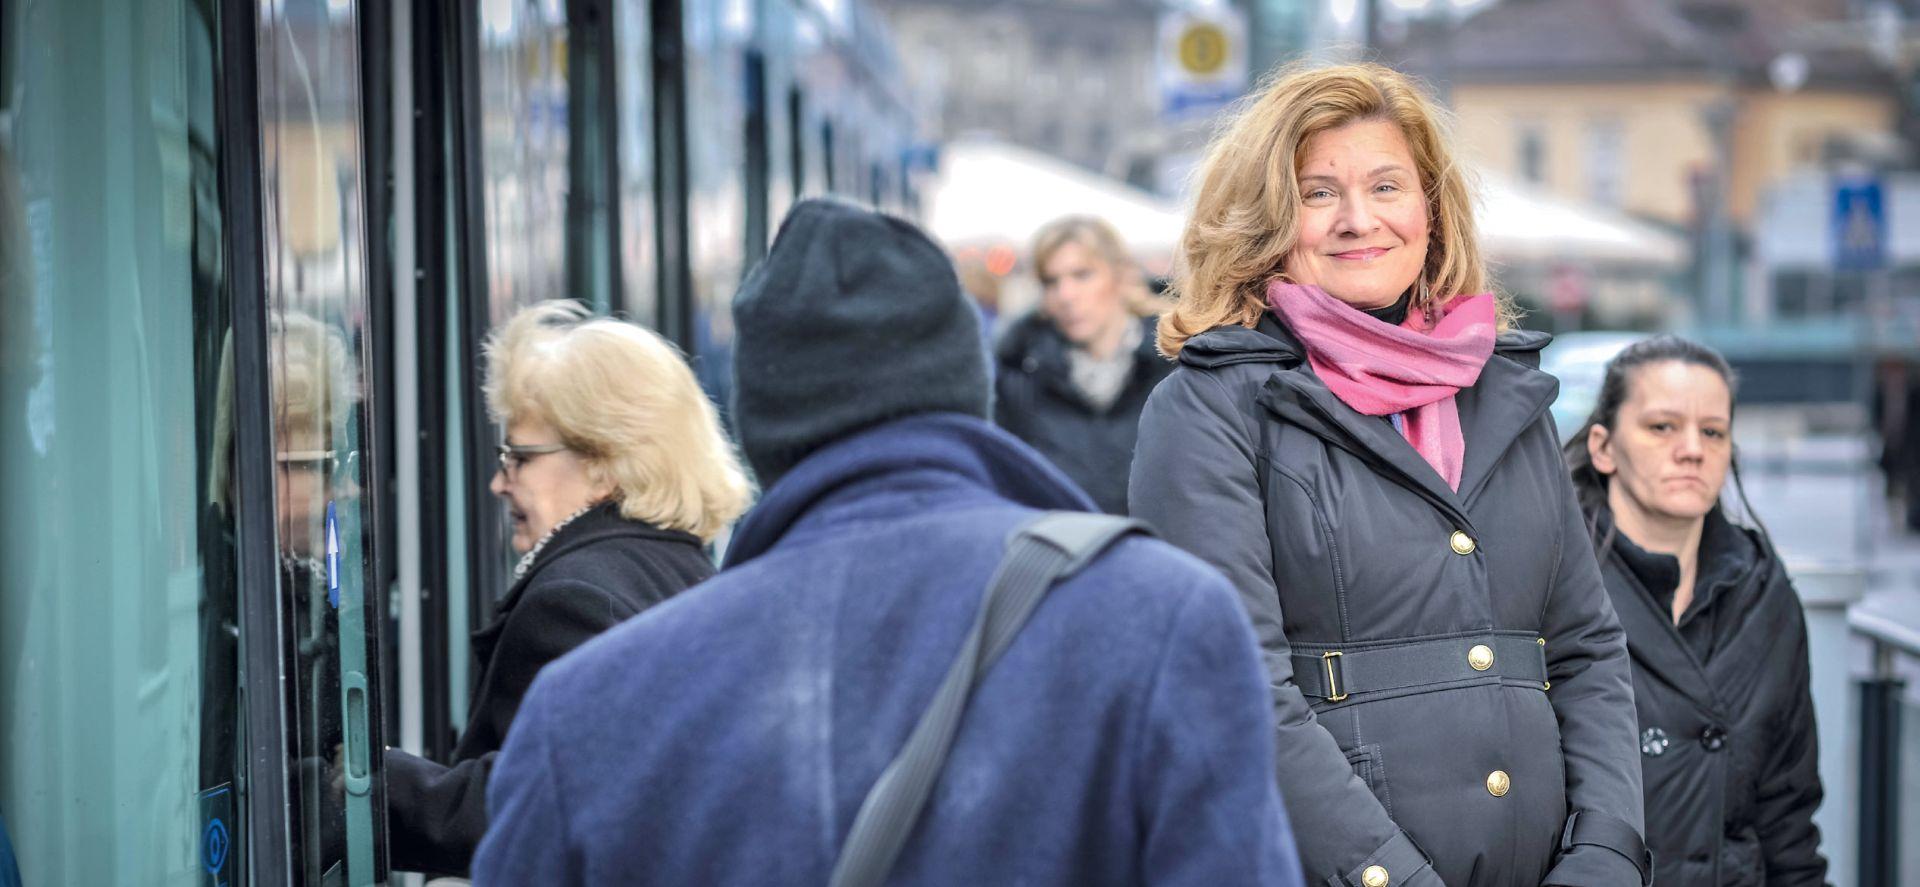 INTERVIEW: JASNA ČAPO 'Tim Orešković pripadnik je transnacionalne generacije i može potaknuti pozitivne promjene'